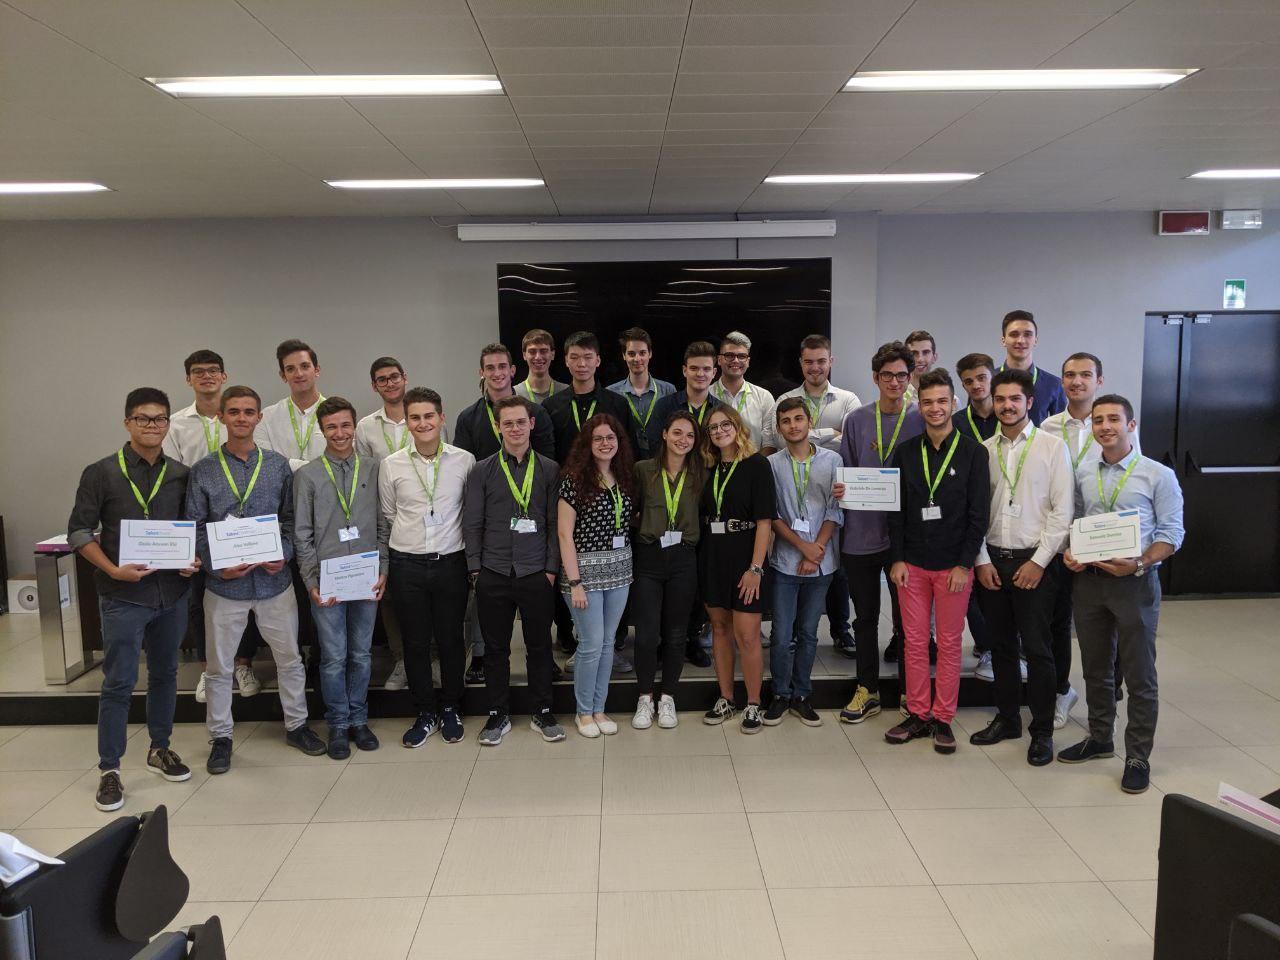 Elmec premia i migliori Talenti Digitali degli Istituti Tecnici. Tra i progetti degli studenti sviluppo delle app e domotica